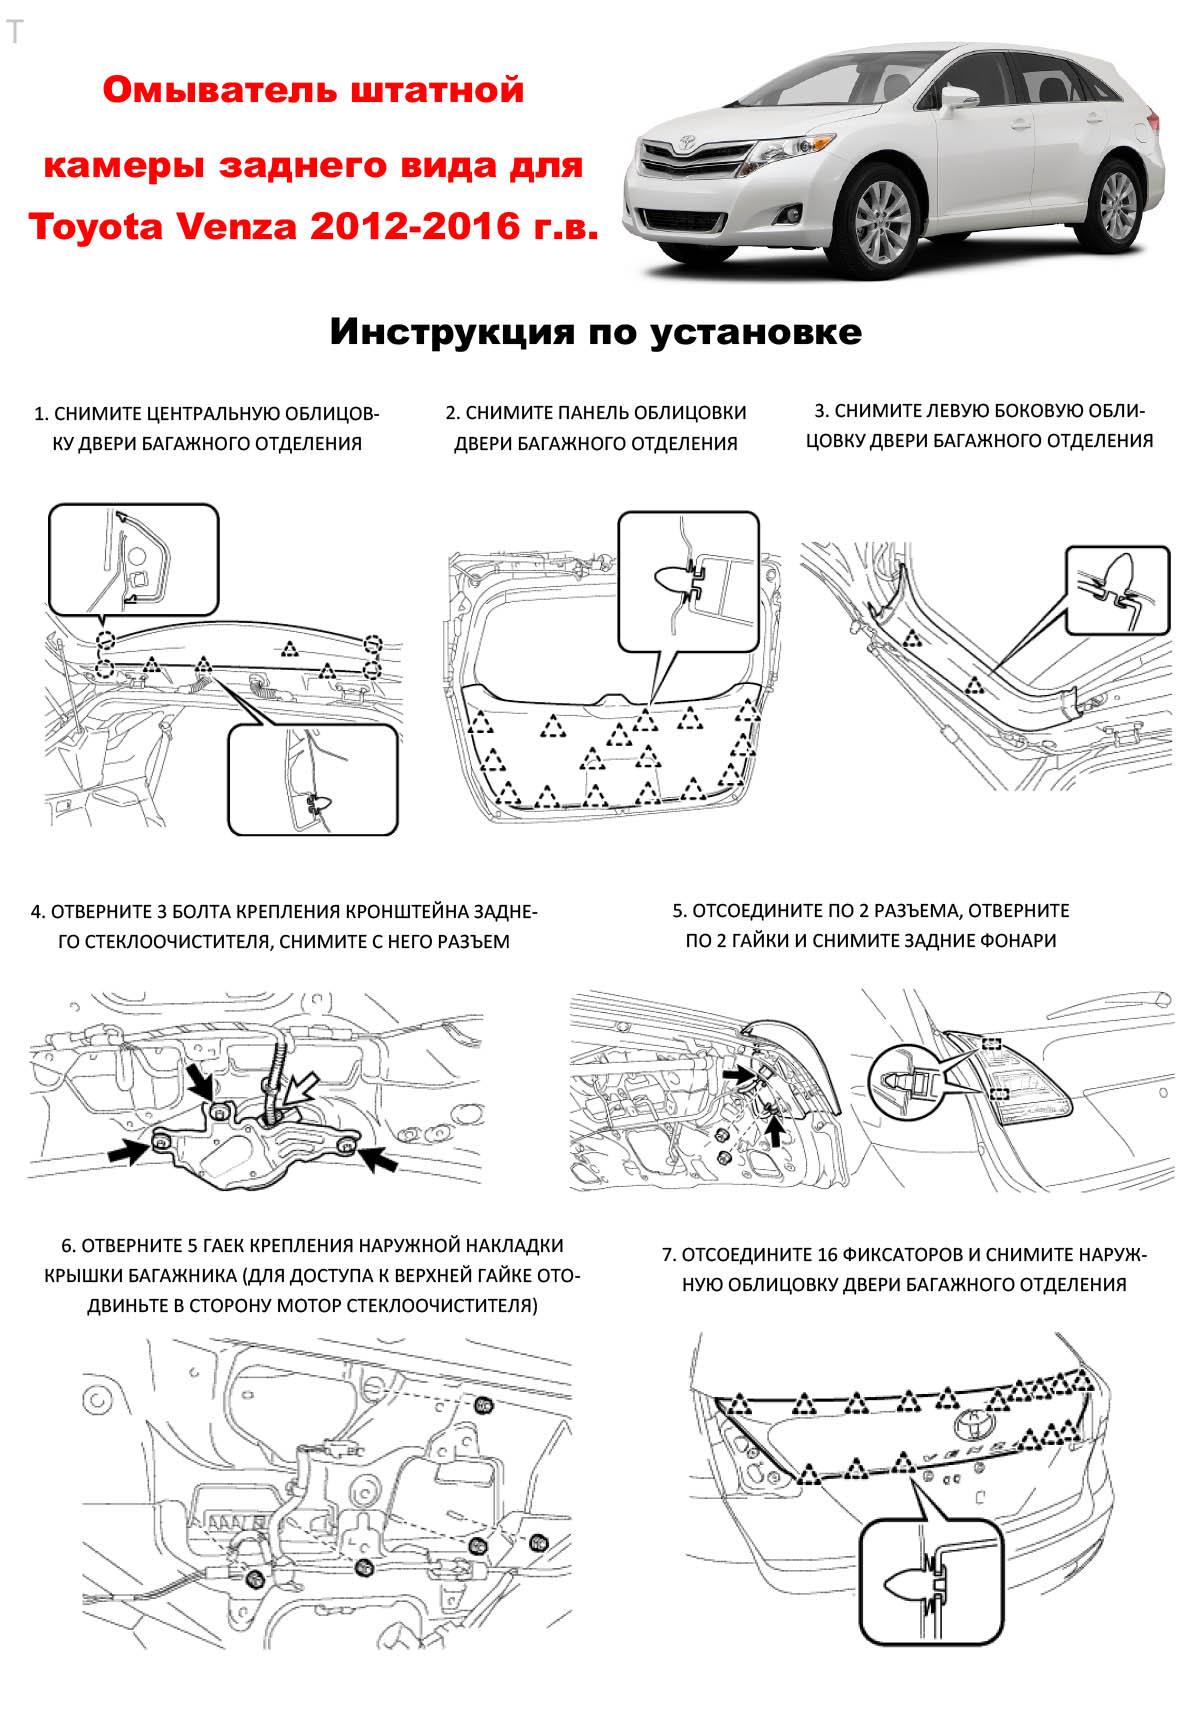 Скачать инструкцию